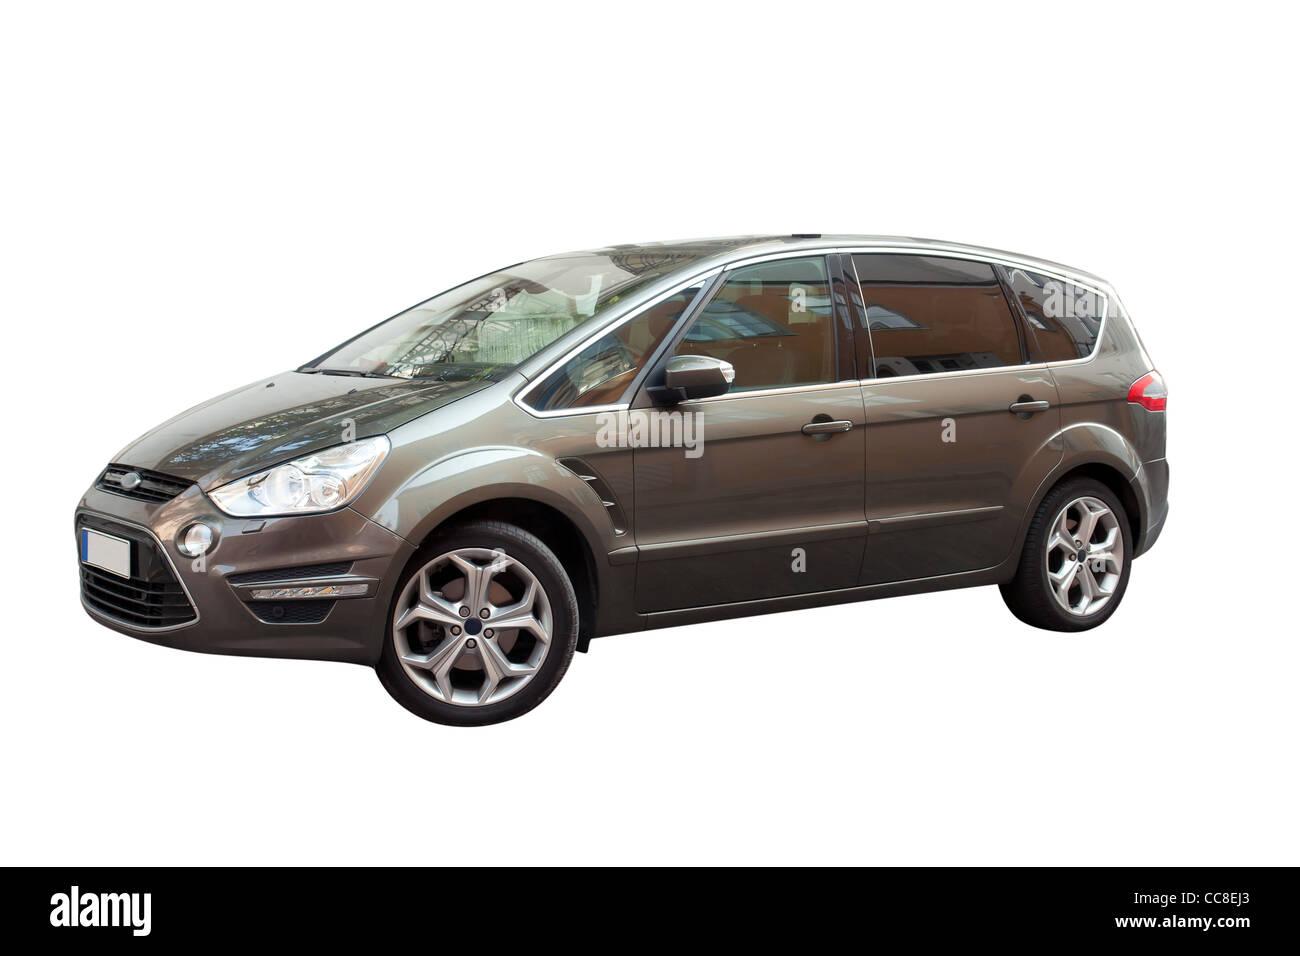 La famiglia europea auto, Nuovo modello 2012, Diesel, economico Immagini Stock